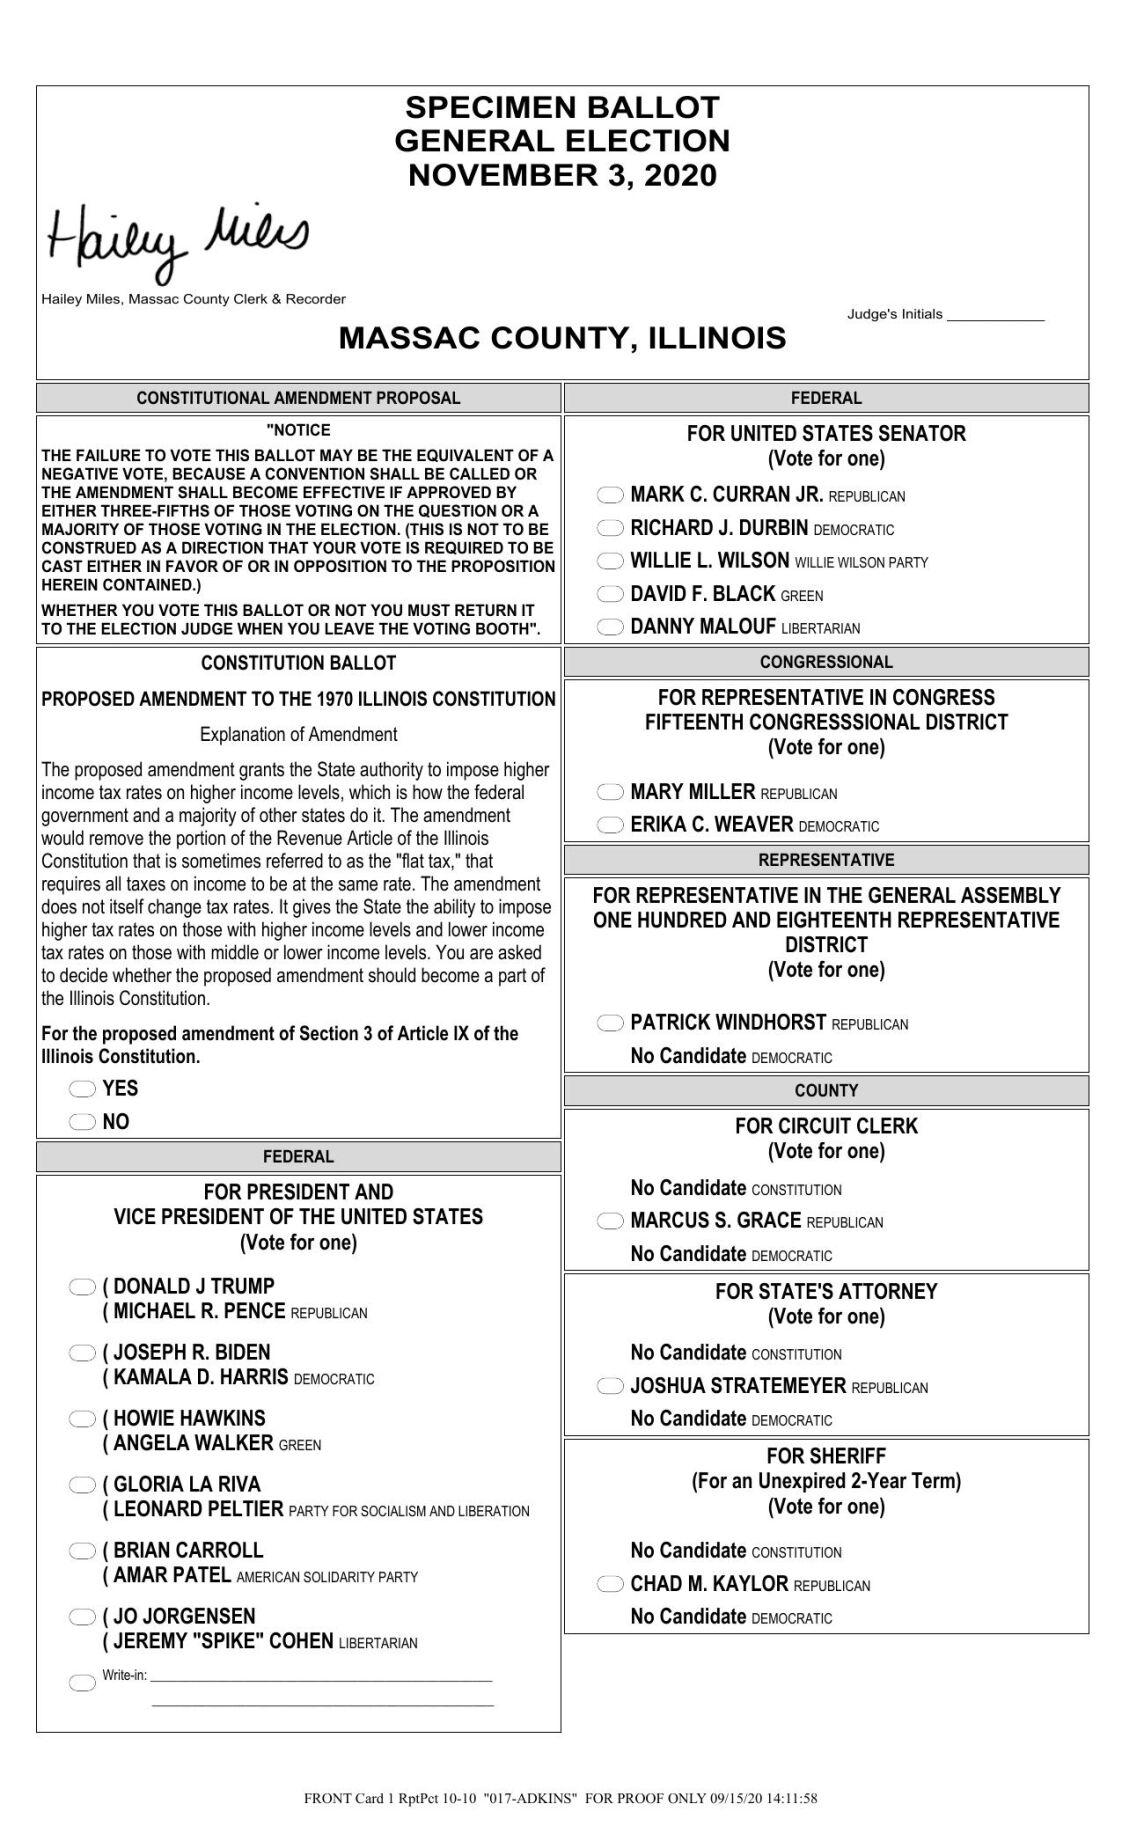 MASSAC COUNTY BALLOT.pdf